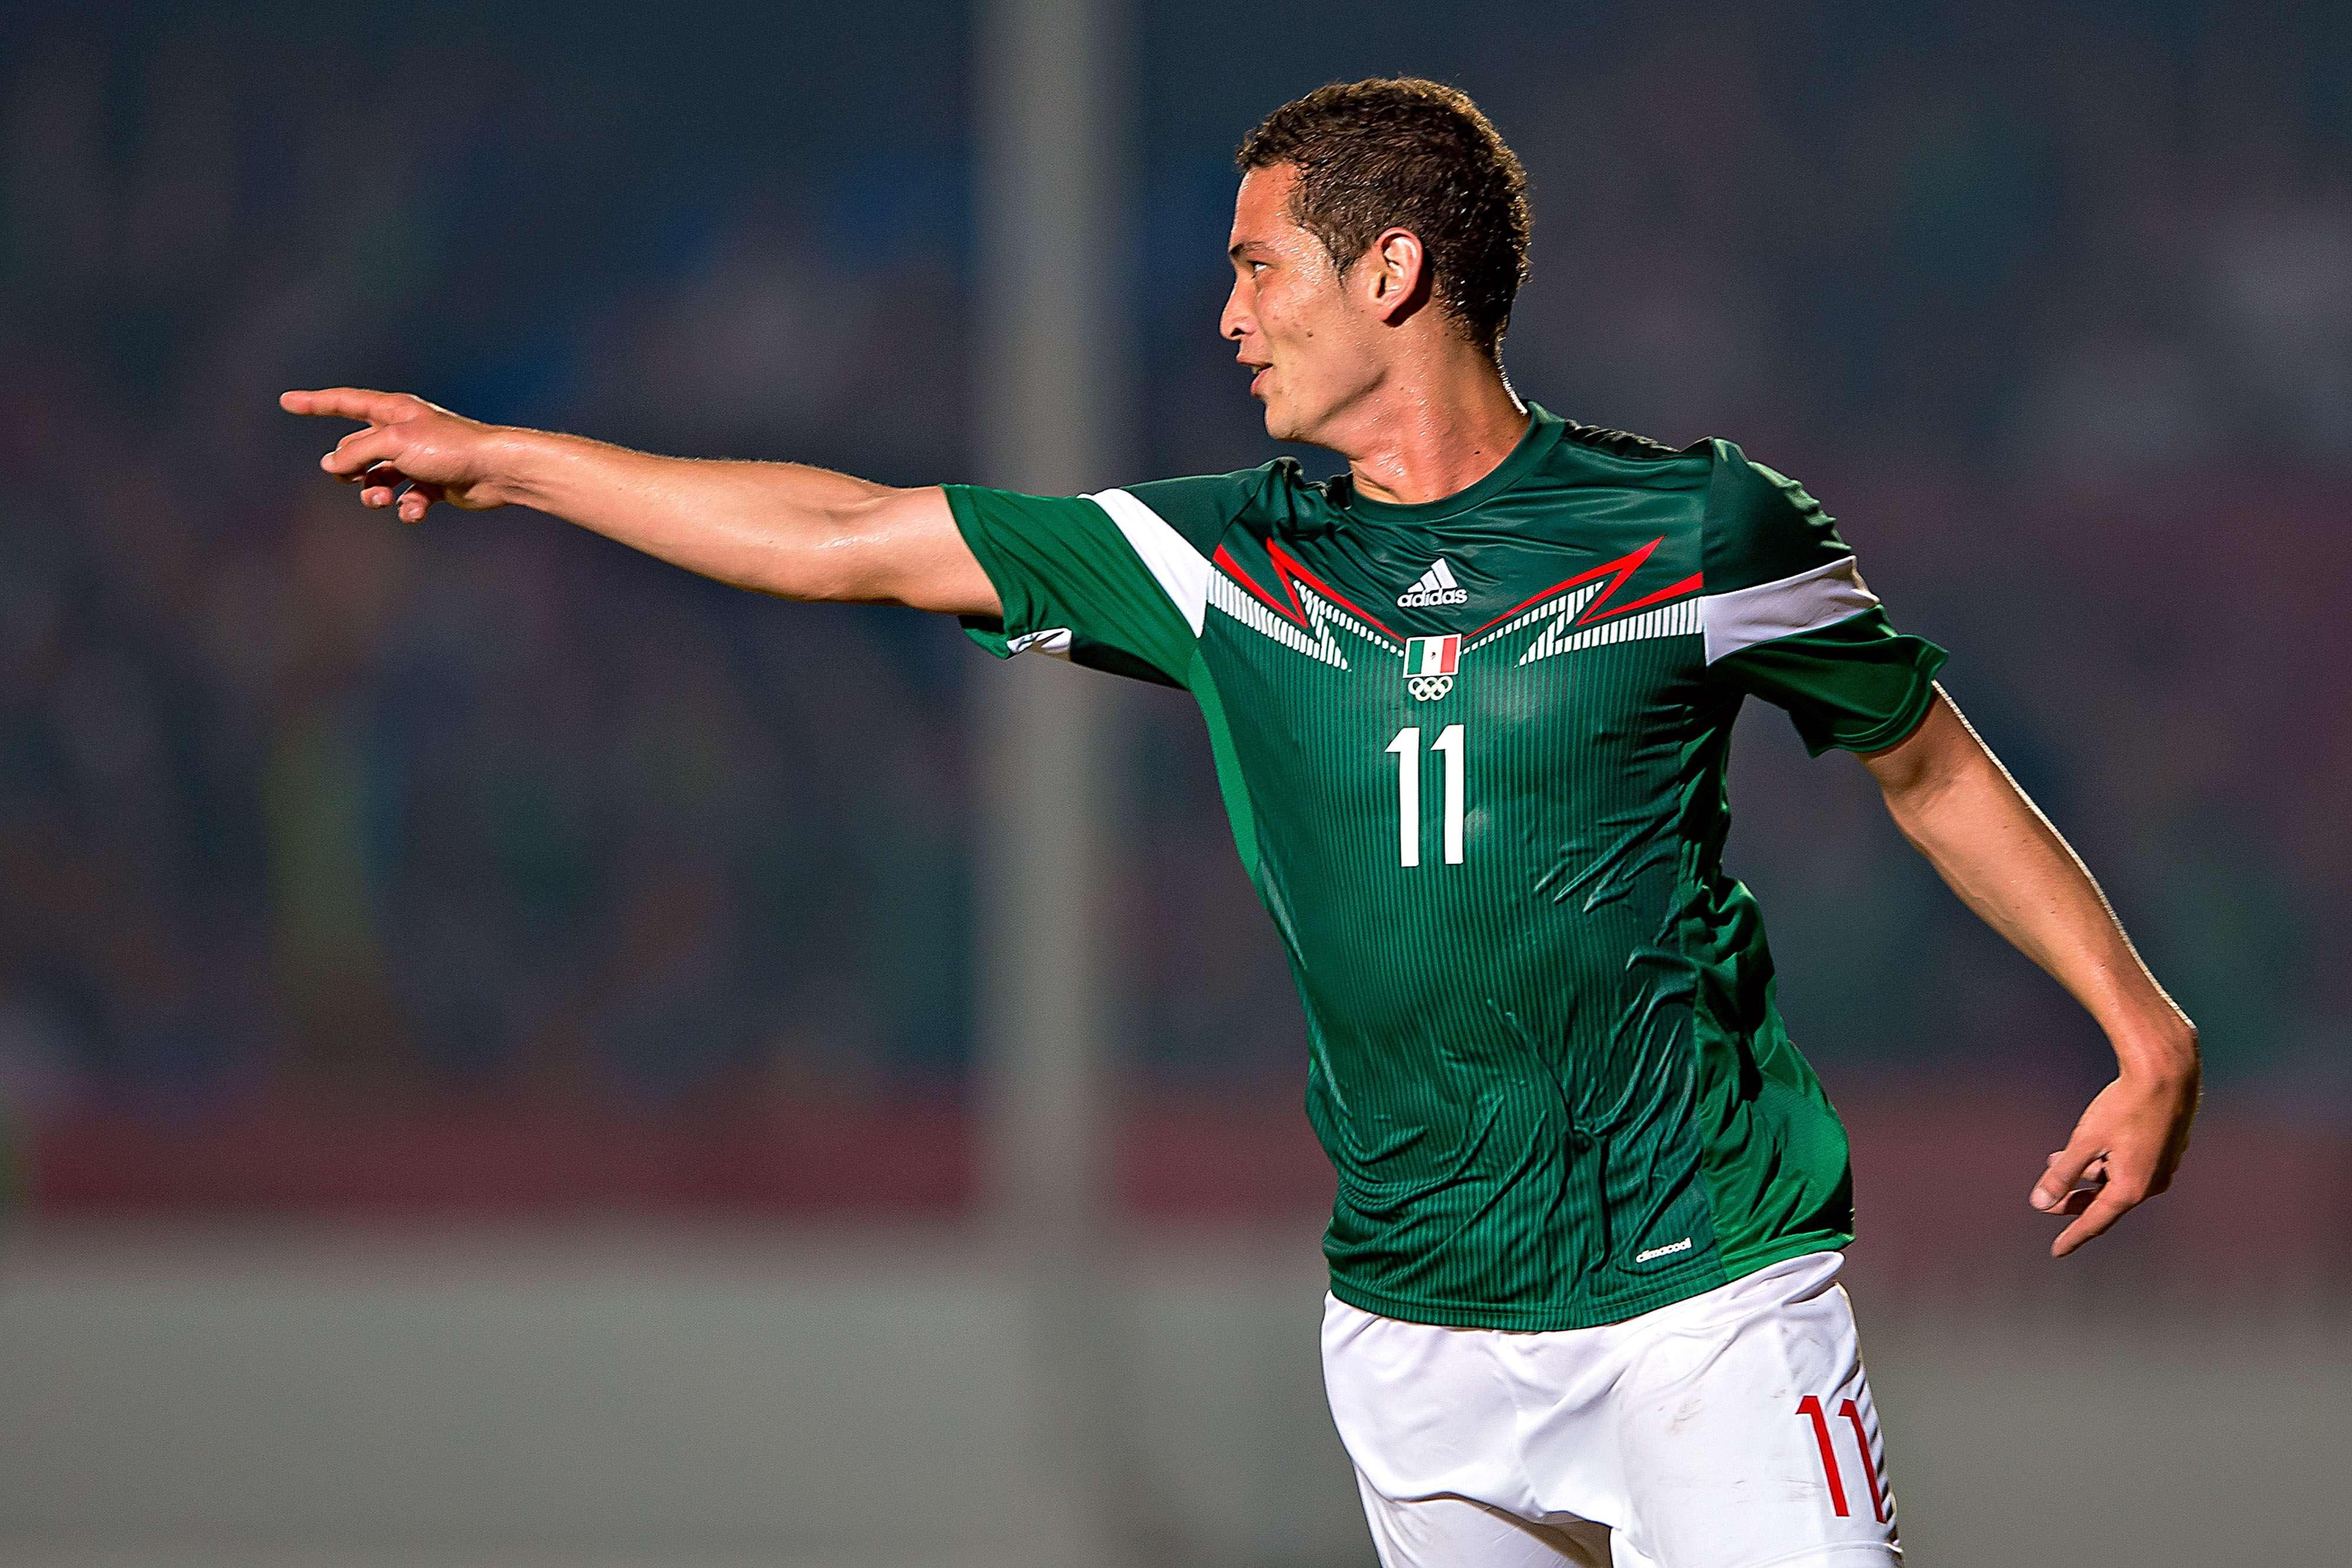 Martín Zúñiga consiguió tres anotaciones. Foto: Mexsport